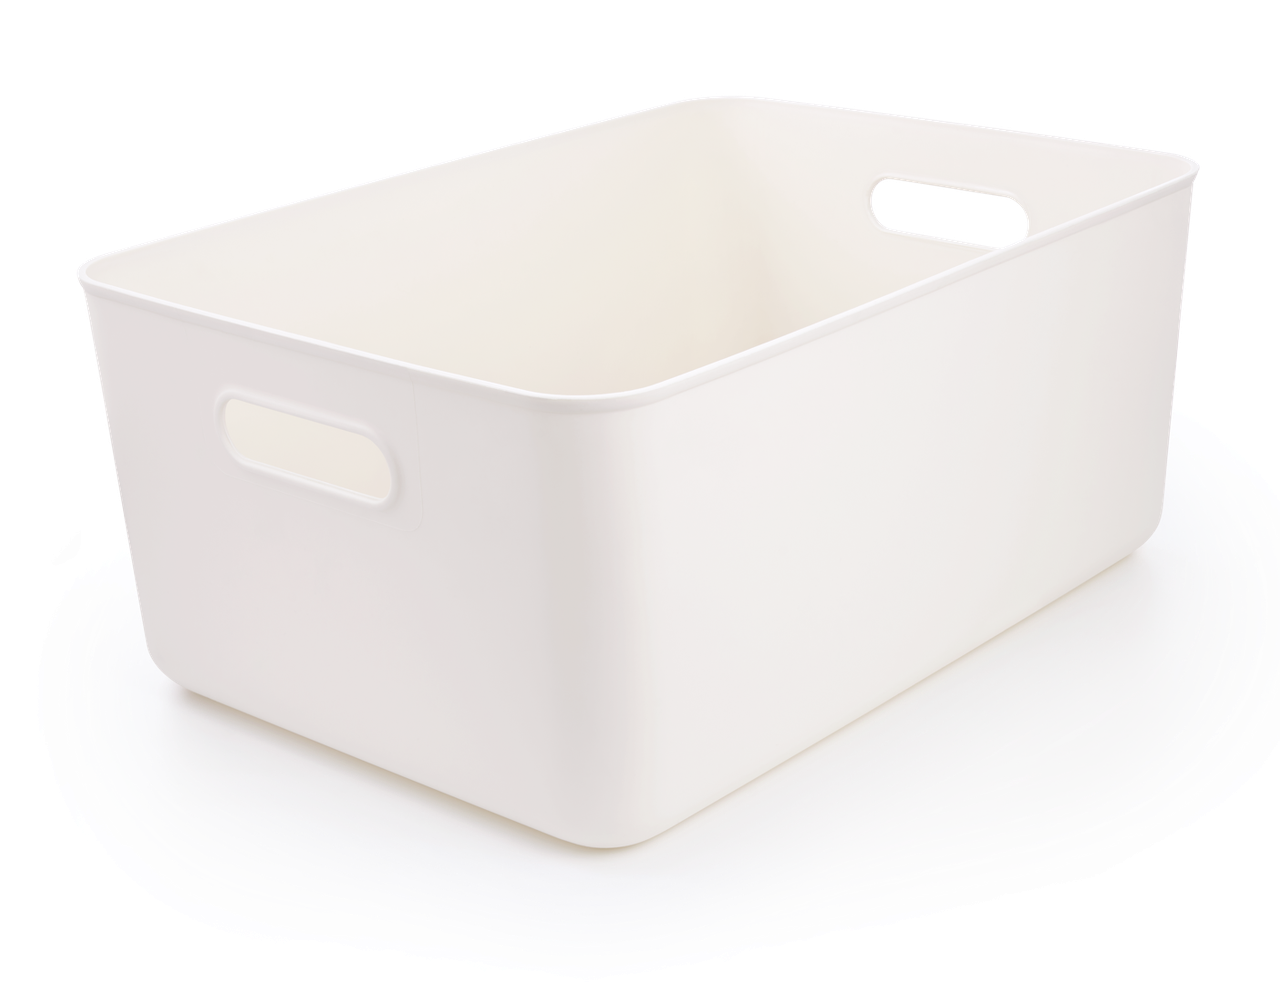 Ящик для хранения MVM FH-13 WHITE XL пластиковый белый